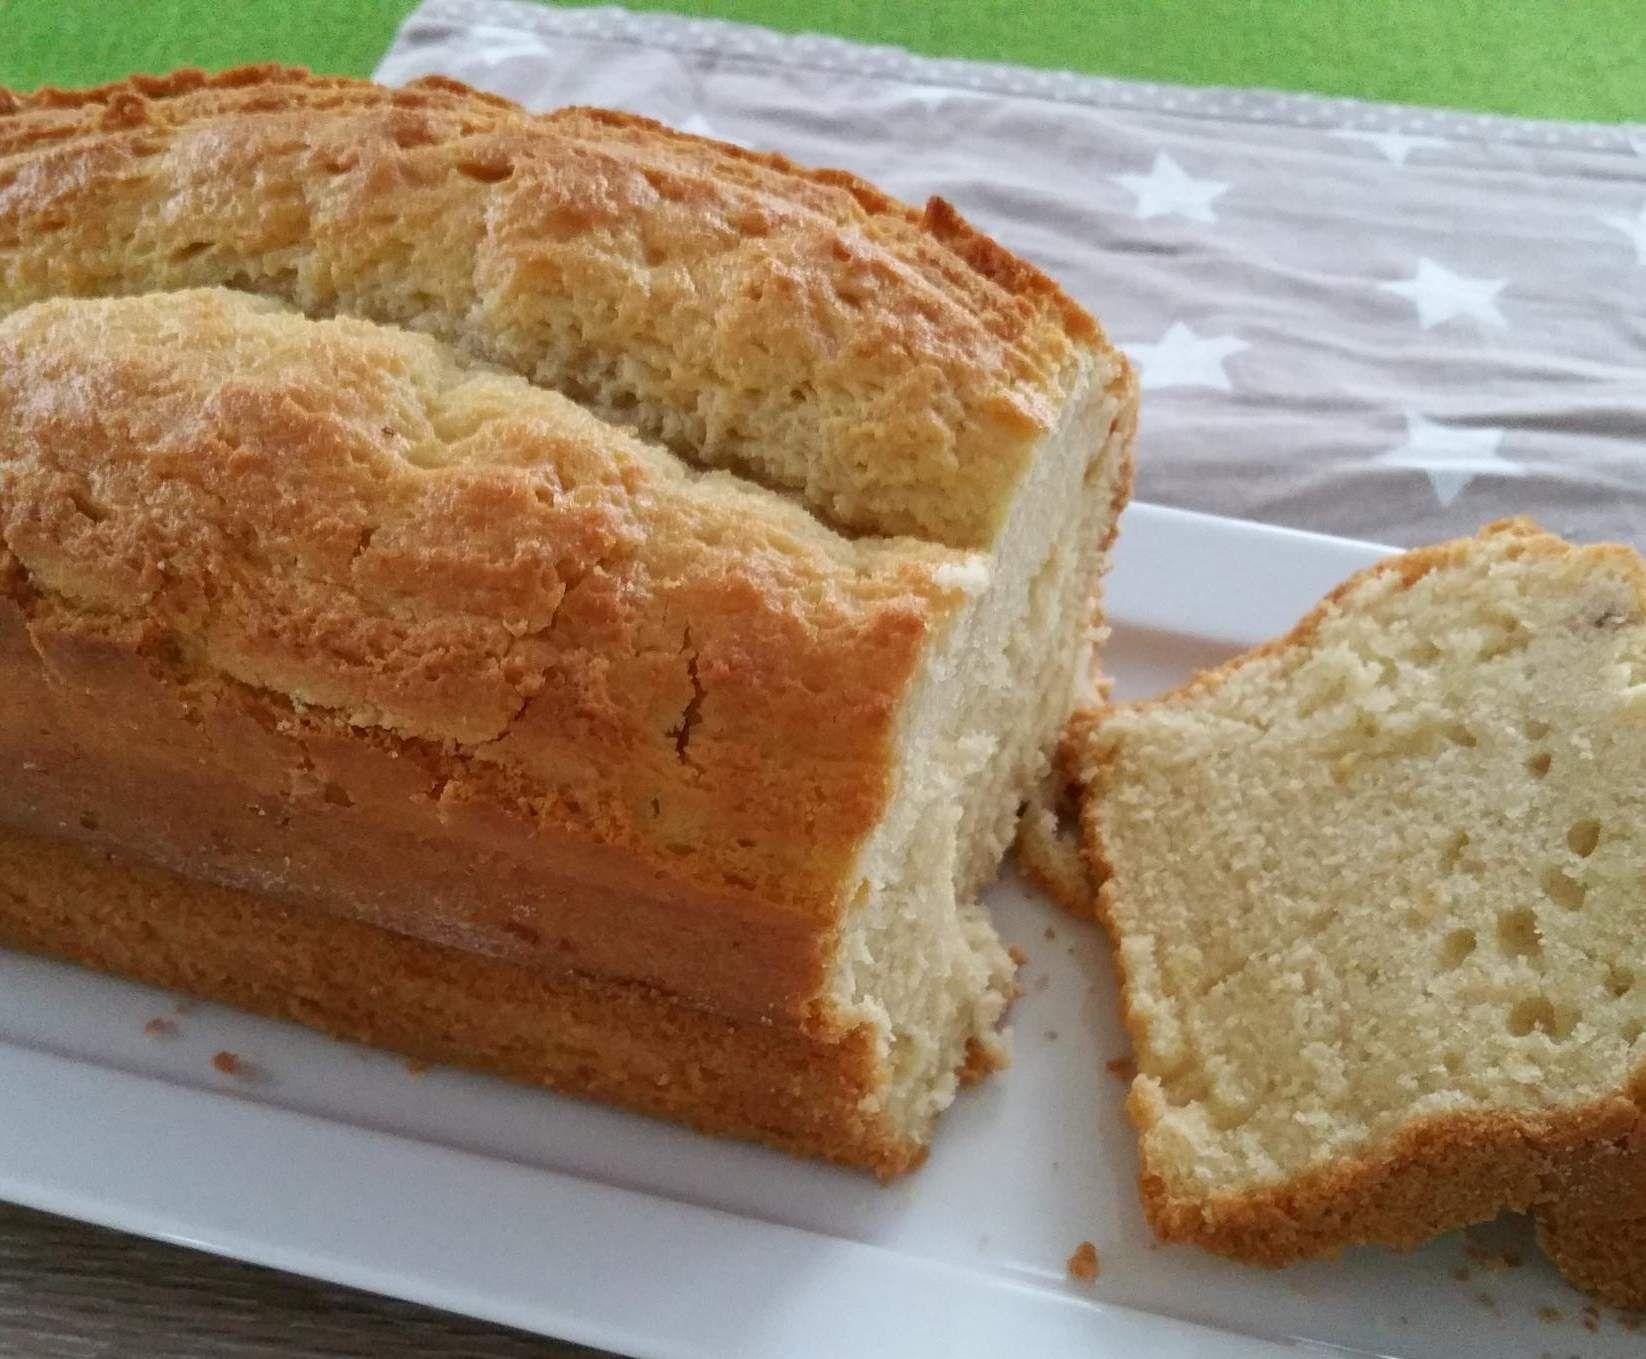 Rezept Zitronenkuchen ruckzuck u super lecker von Tivoline - Rezept der Kategorie Backen süß